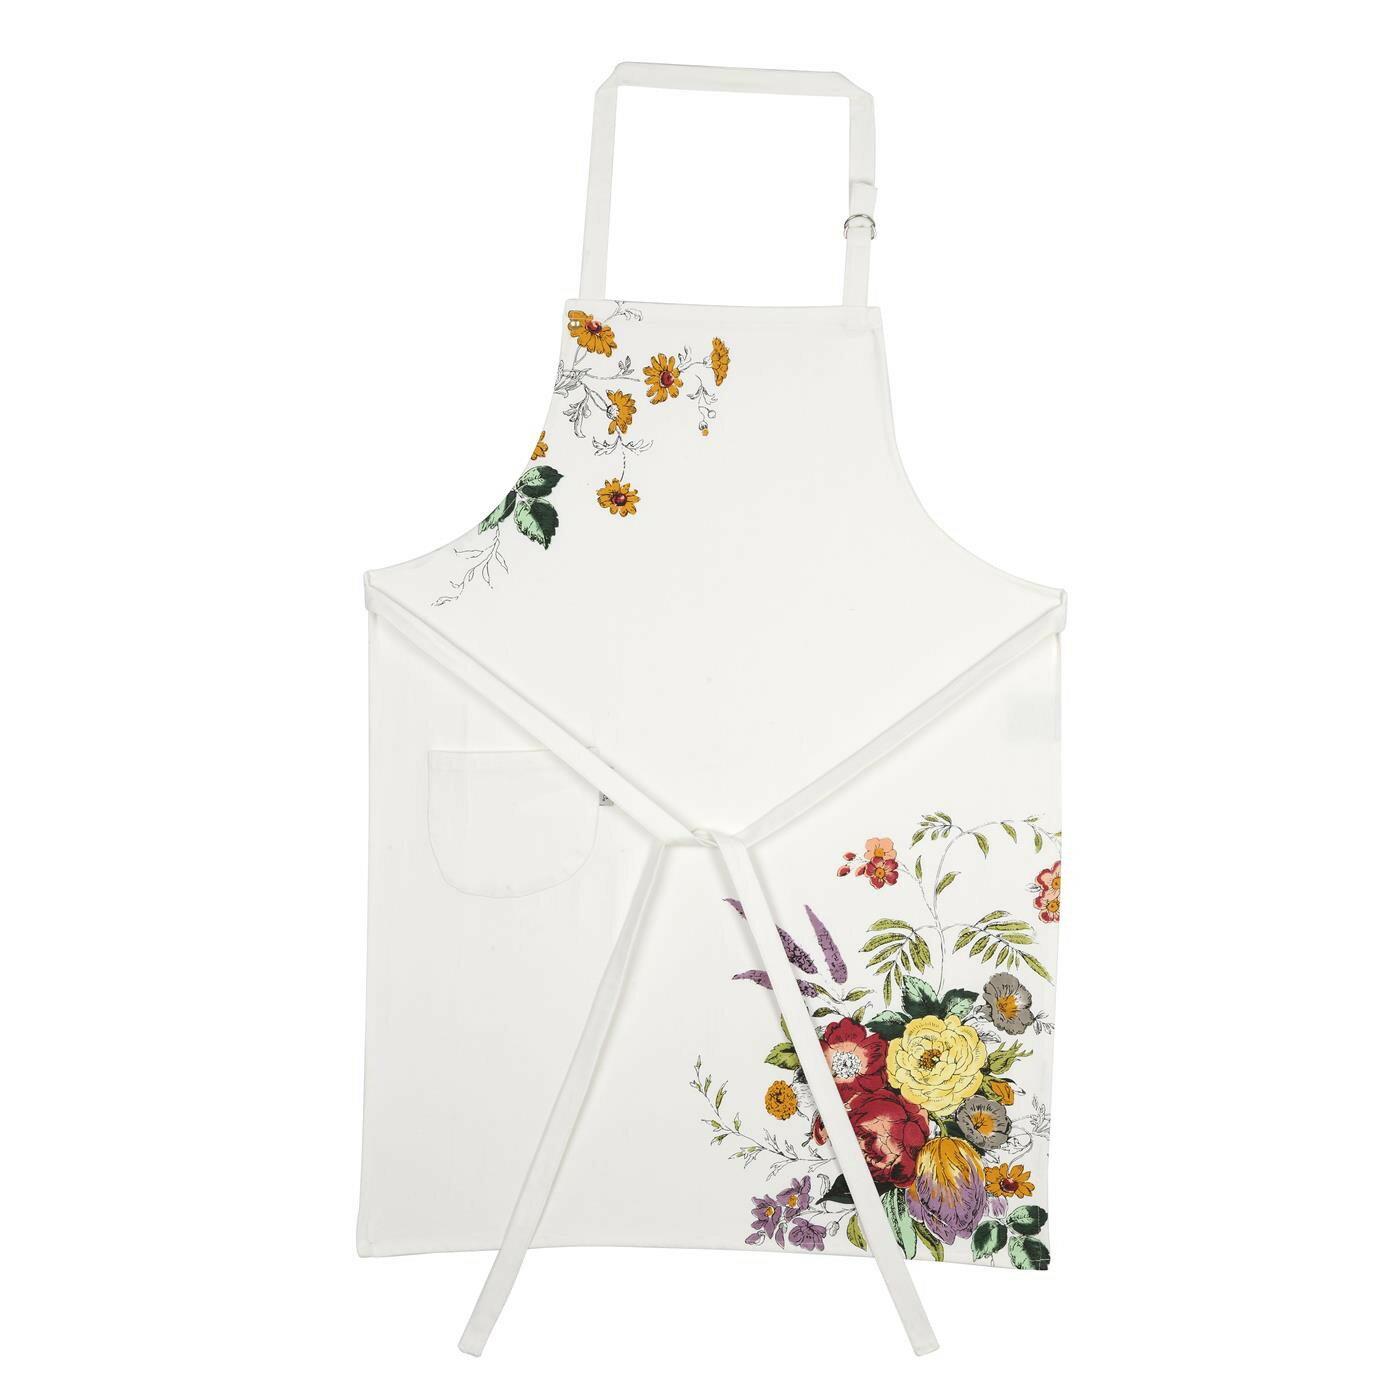 藝術家Gainsborough創作款布織70X95CM圍裙